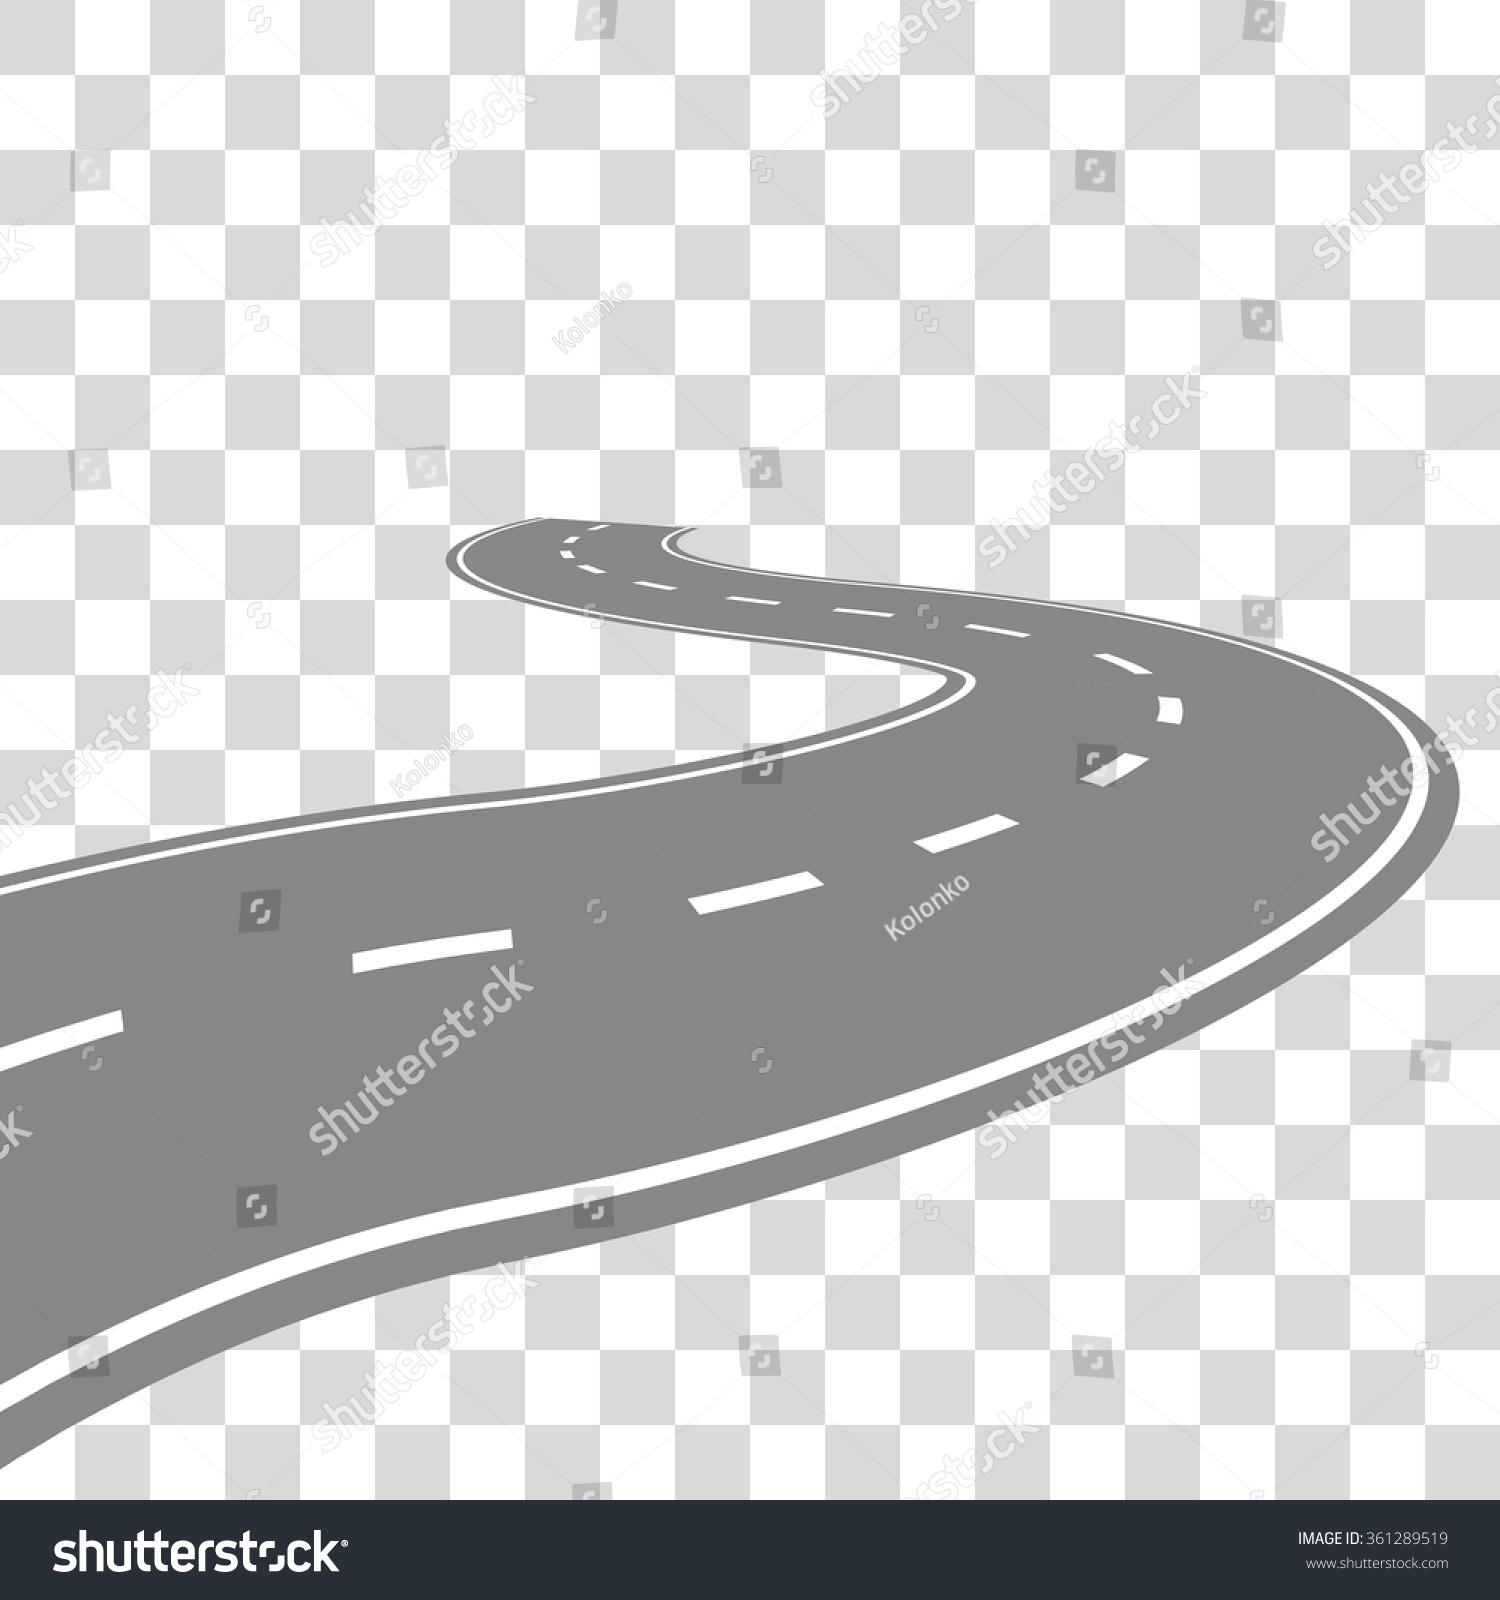 Cartoon Road Clip Art – Cliparts